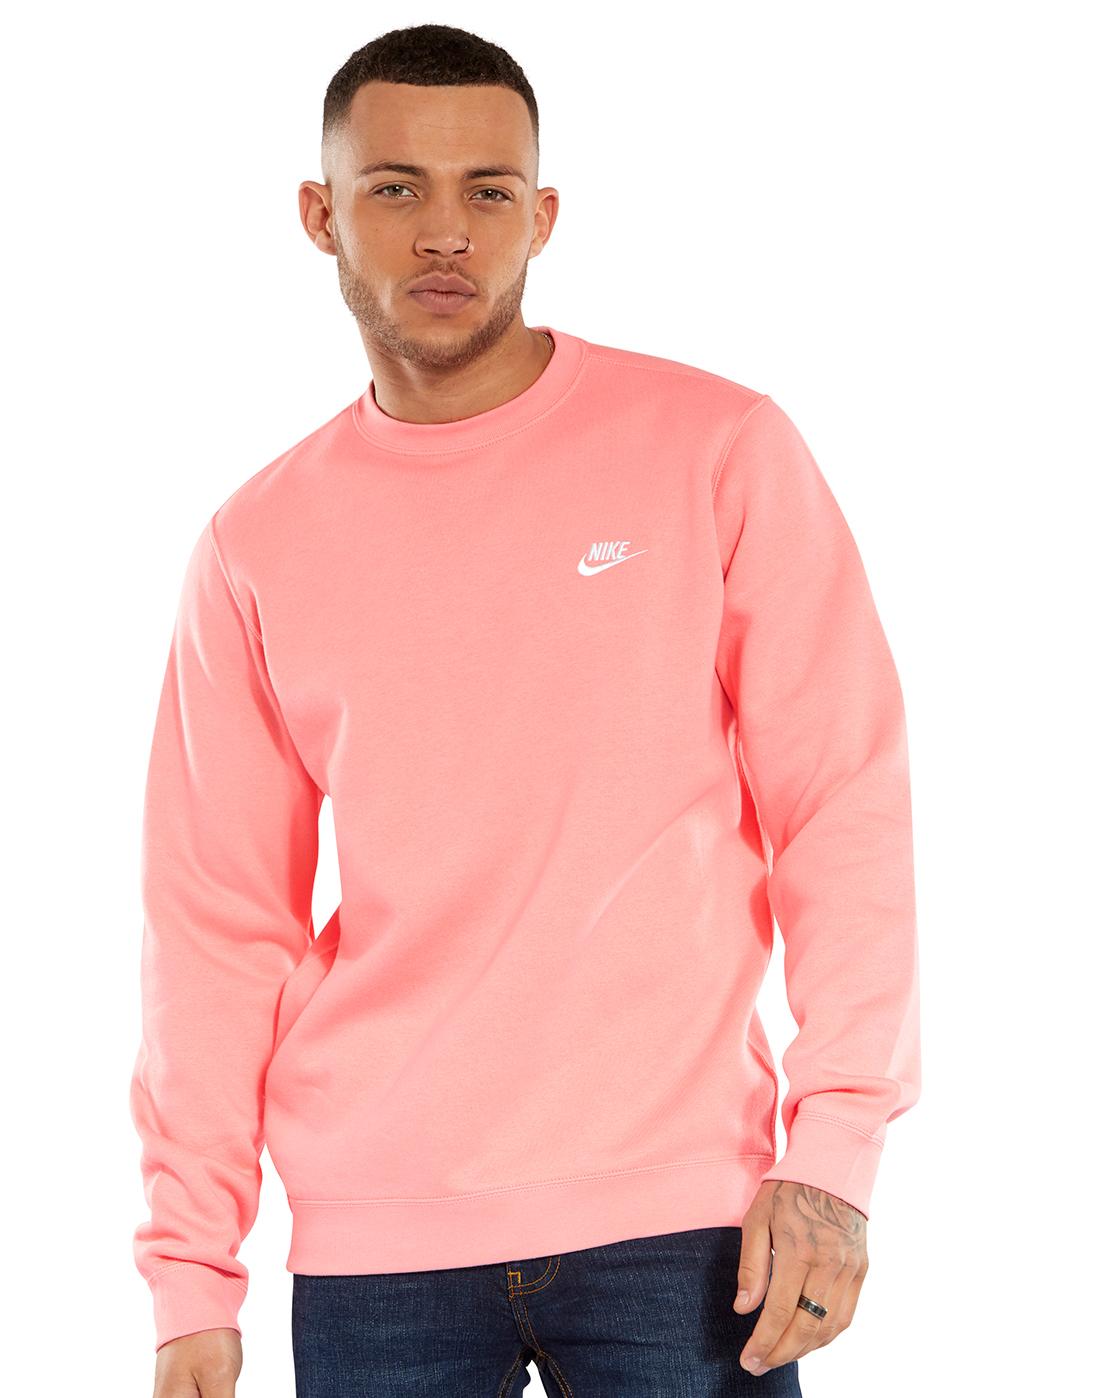 3cb784dc9 Nike. Mens Club Crew Sweatshirt. Mens Club Crew Sweatshirt ...